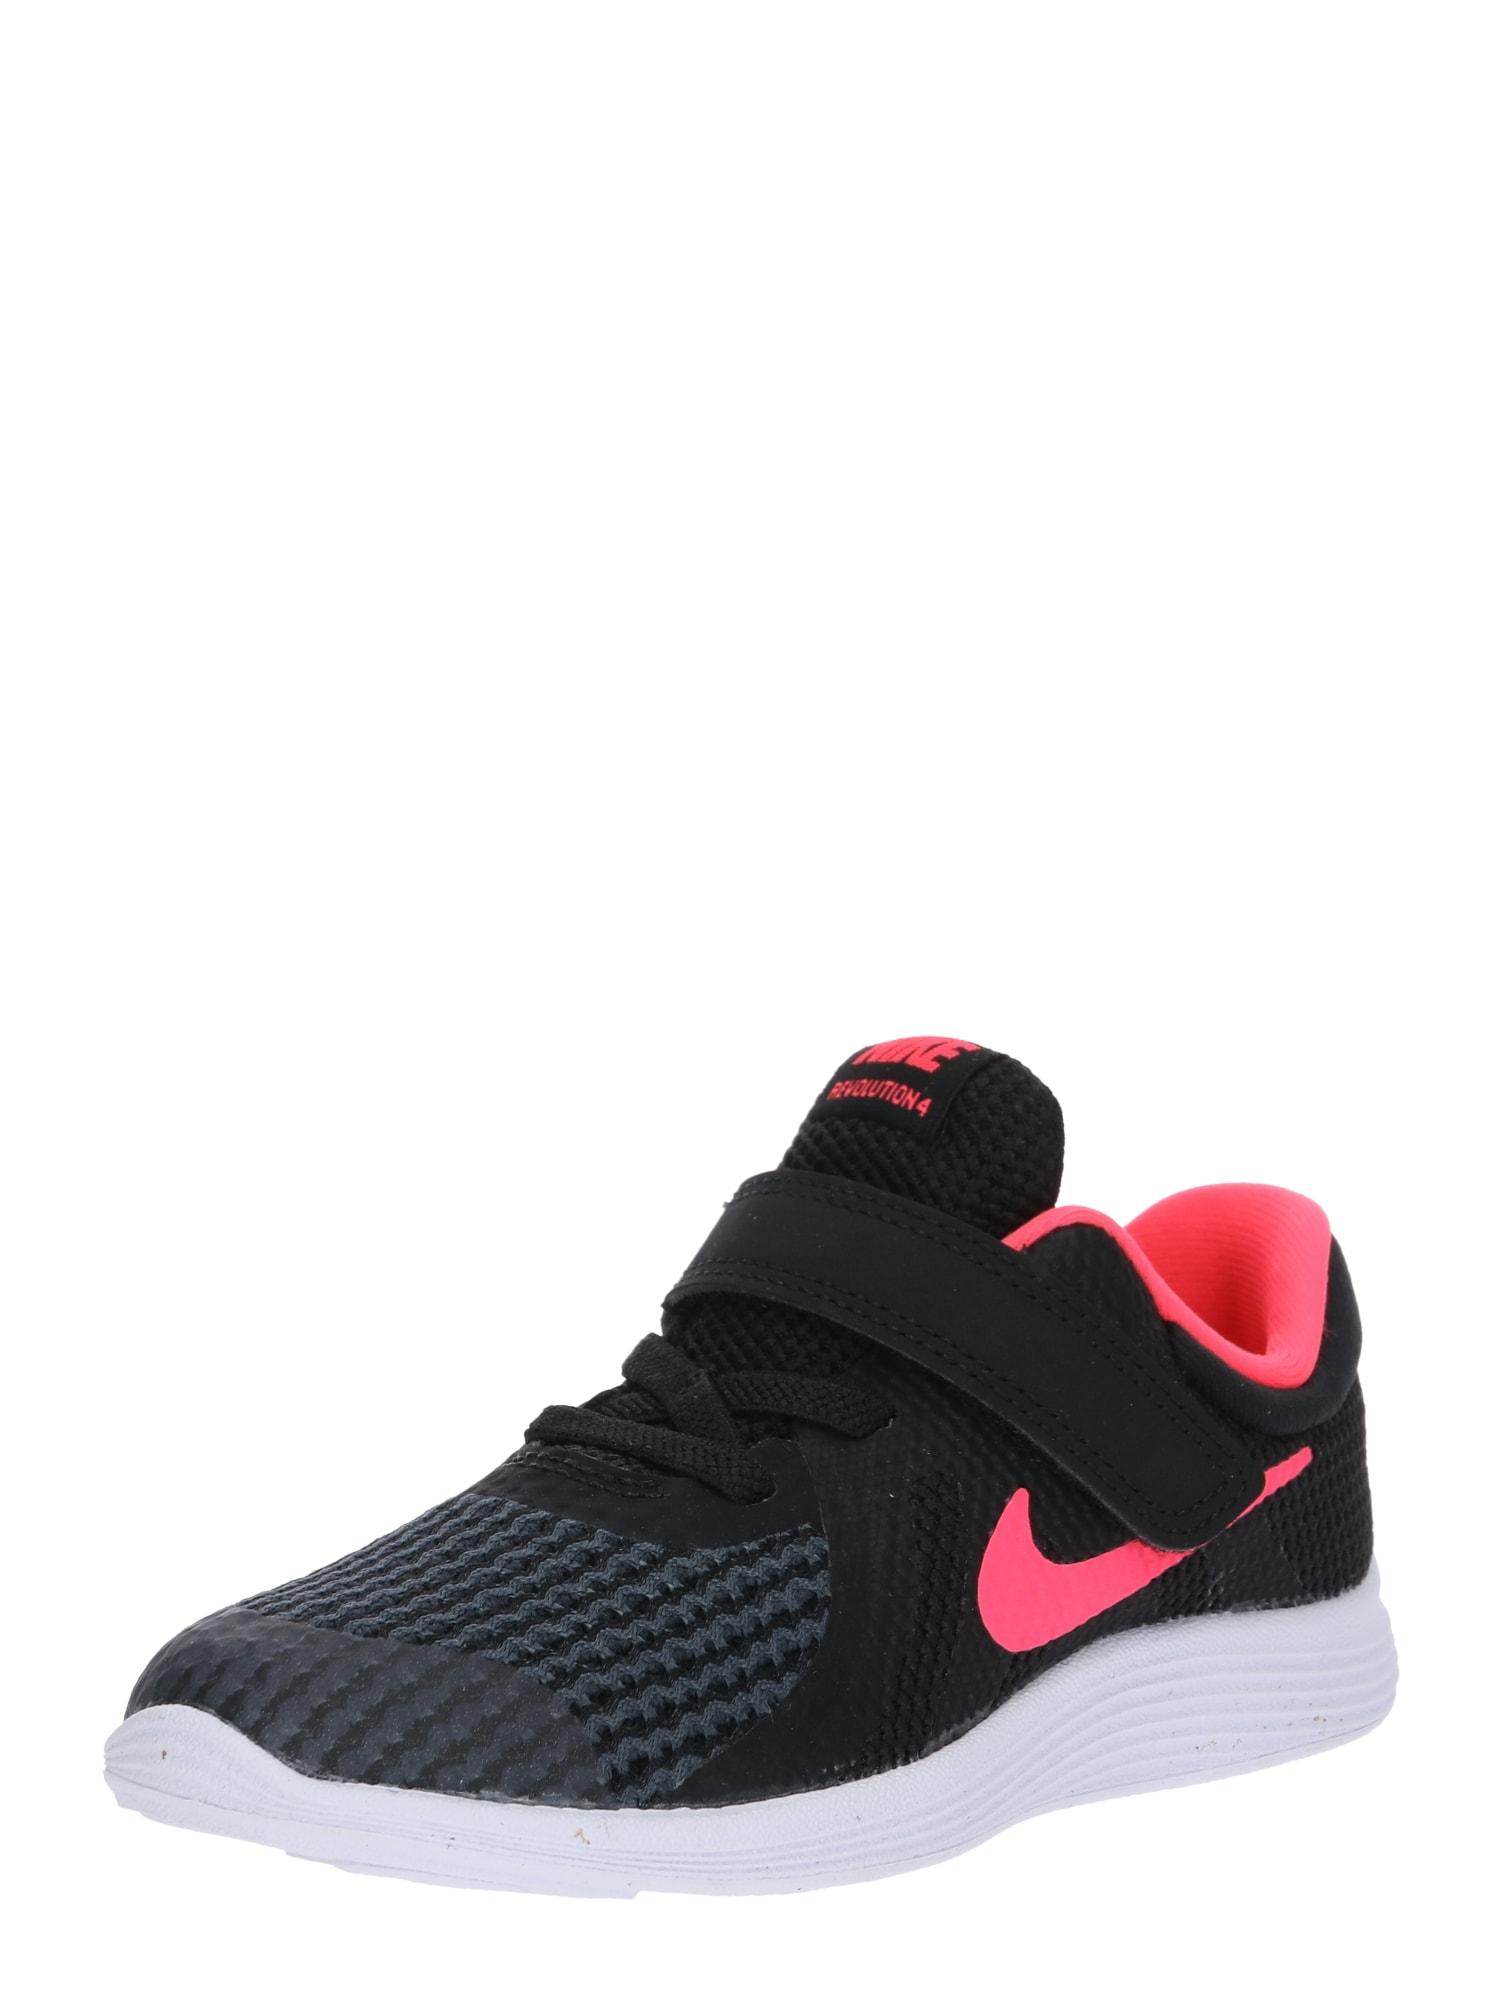 Sportovní boty Revolution 4 pink černá bílá NIKE